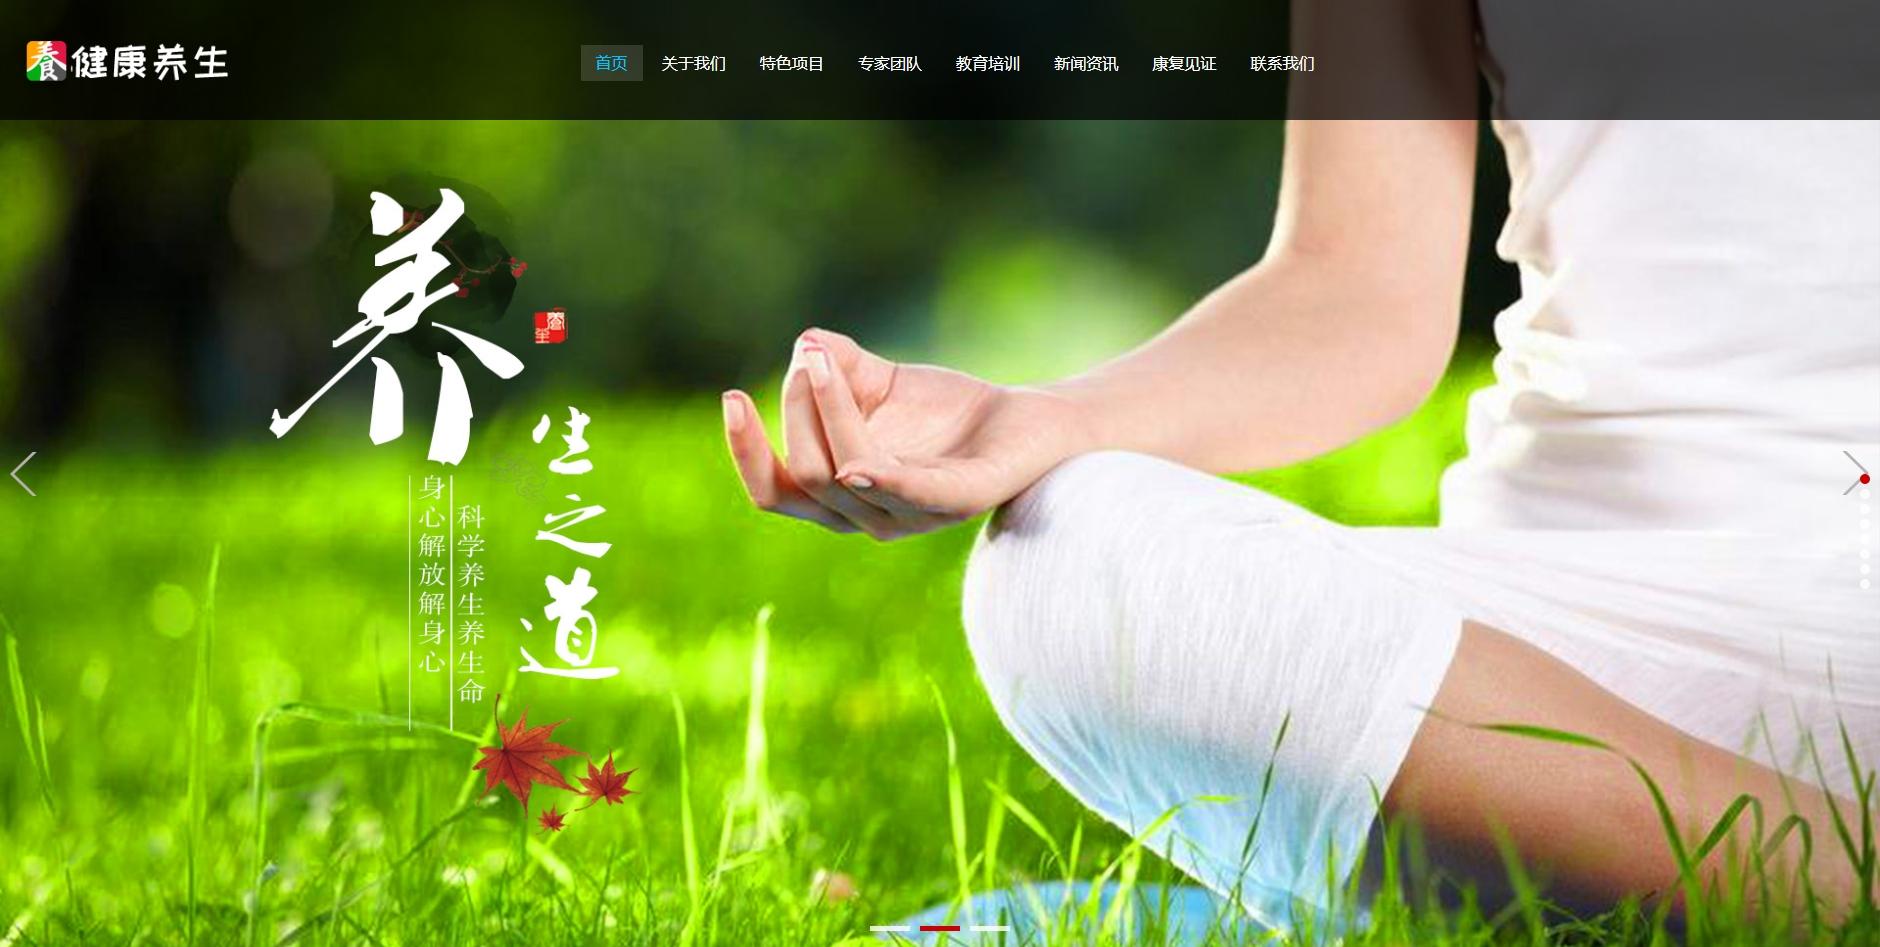 响应式经络养生健康类网站织梦dedecms模板(自适应手机端)